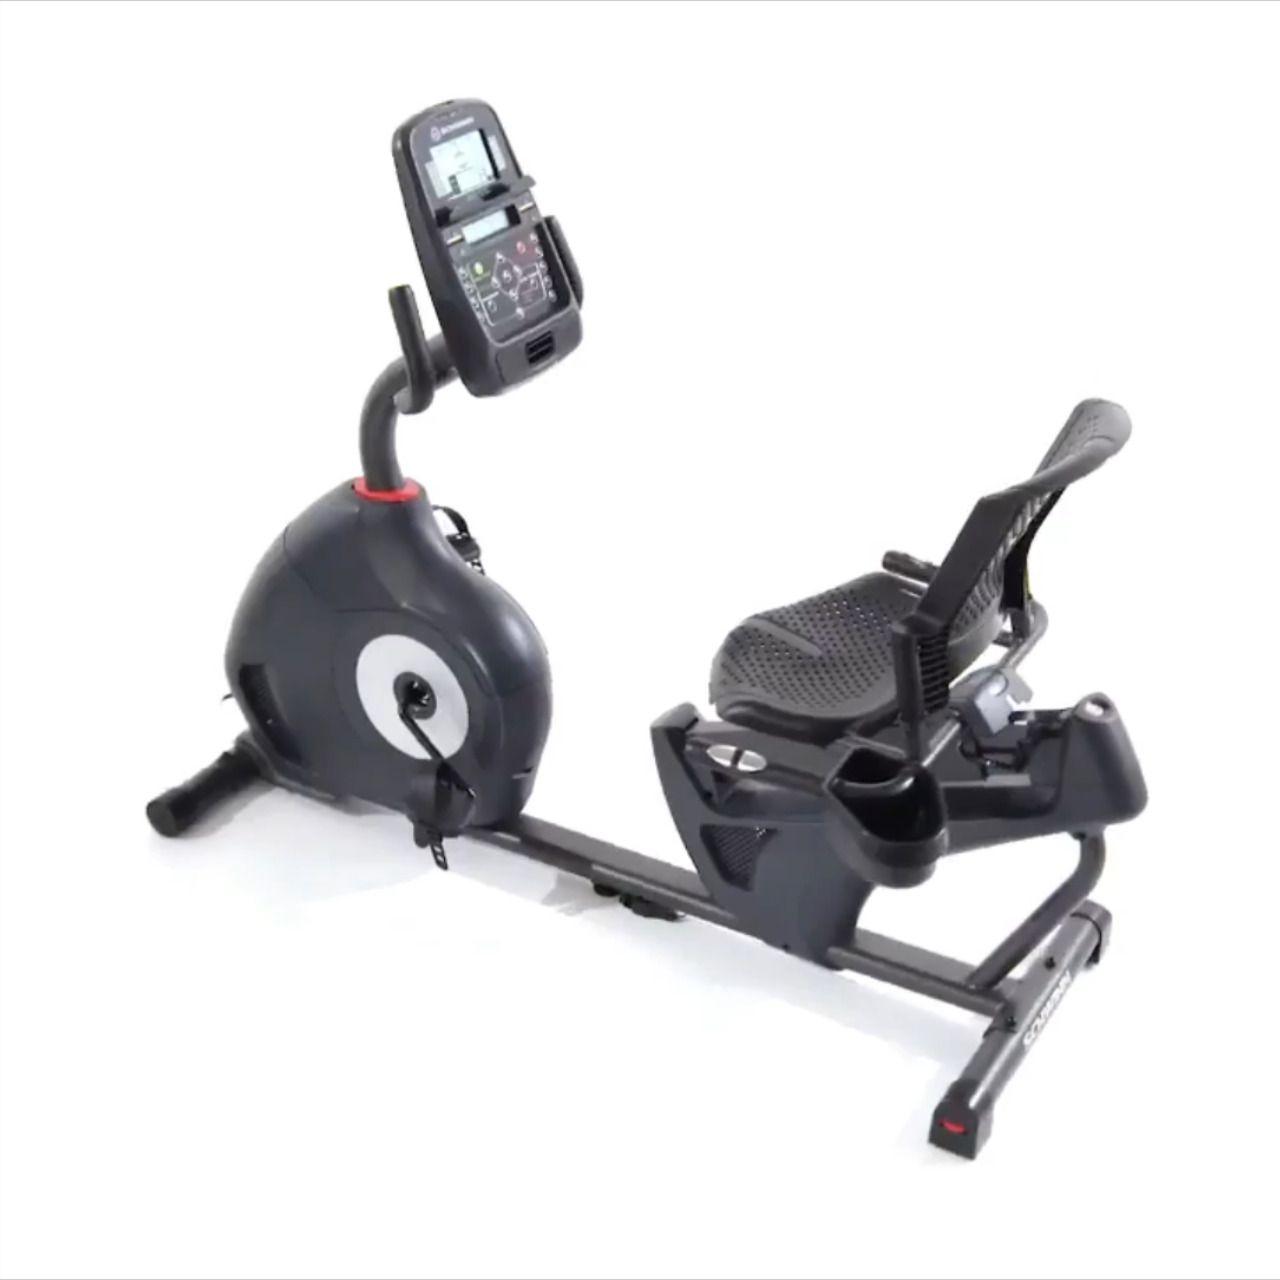 Treadmill Vs Elliptical Reddit Exercise Bike Reviews Biking Workout Exercise Bikes